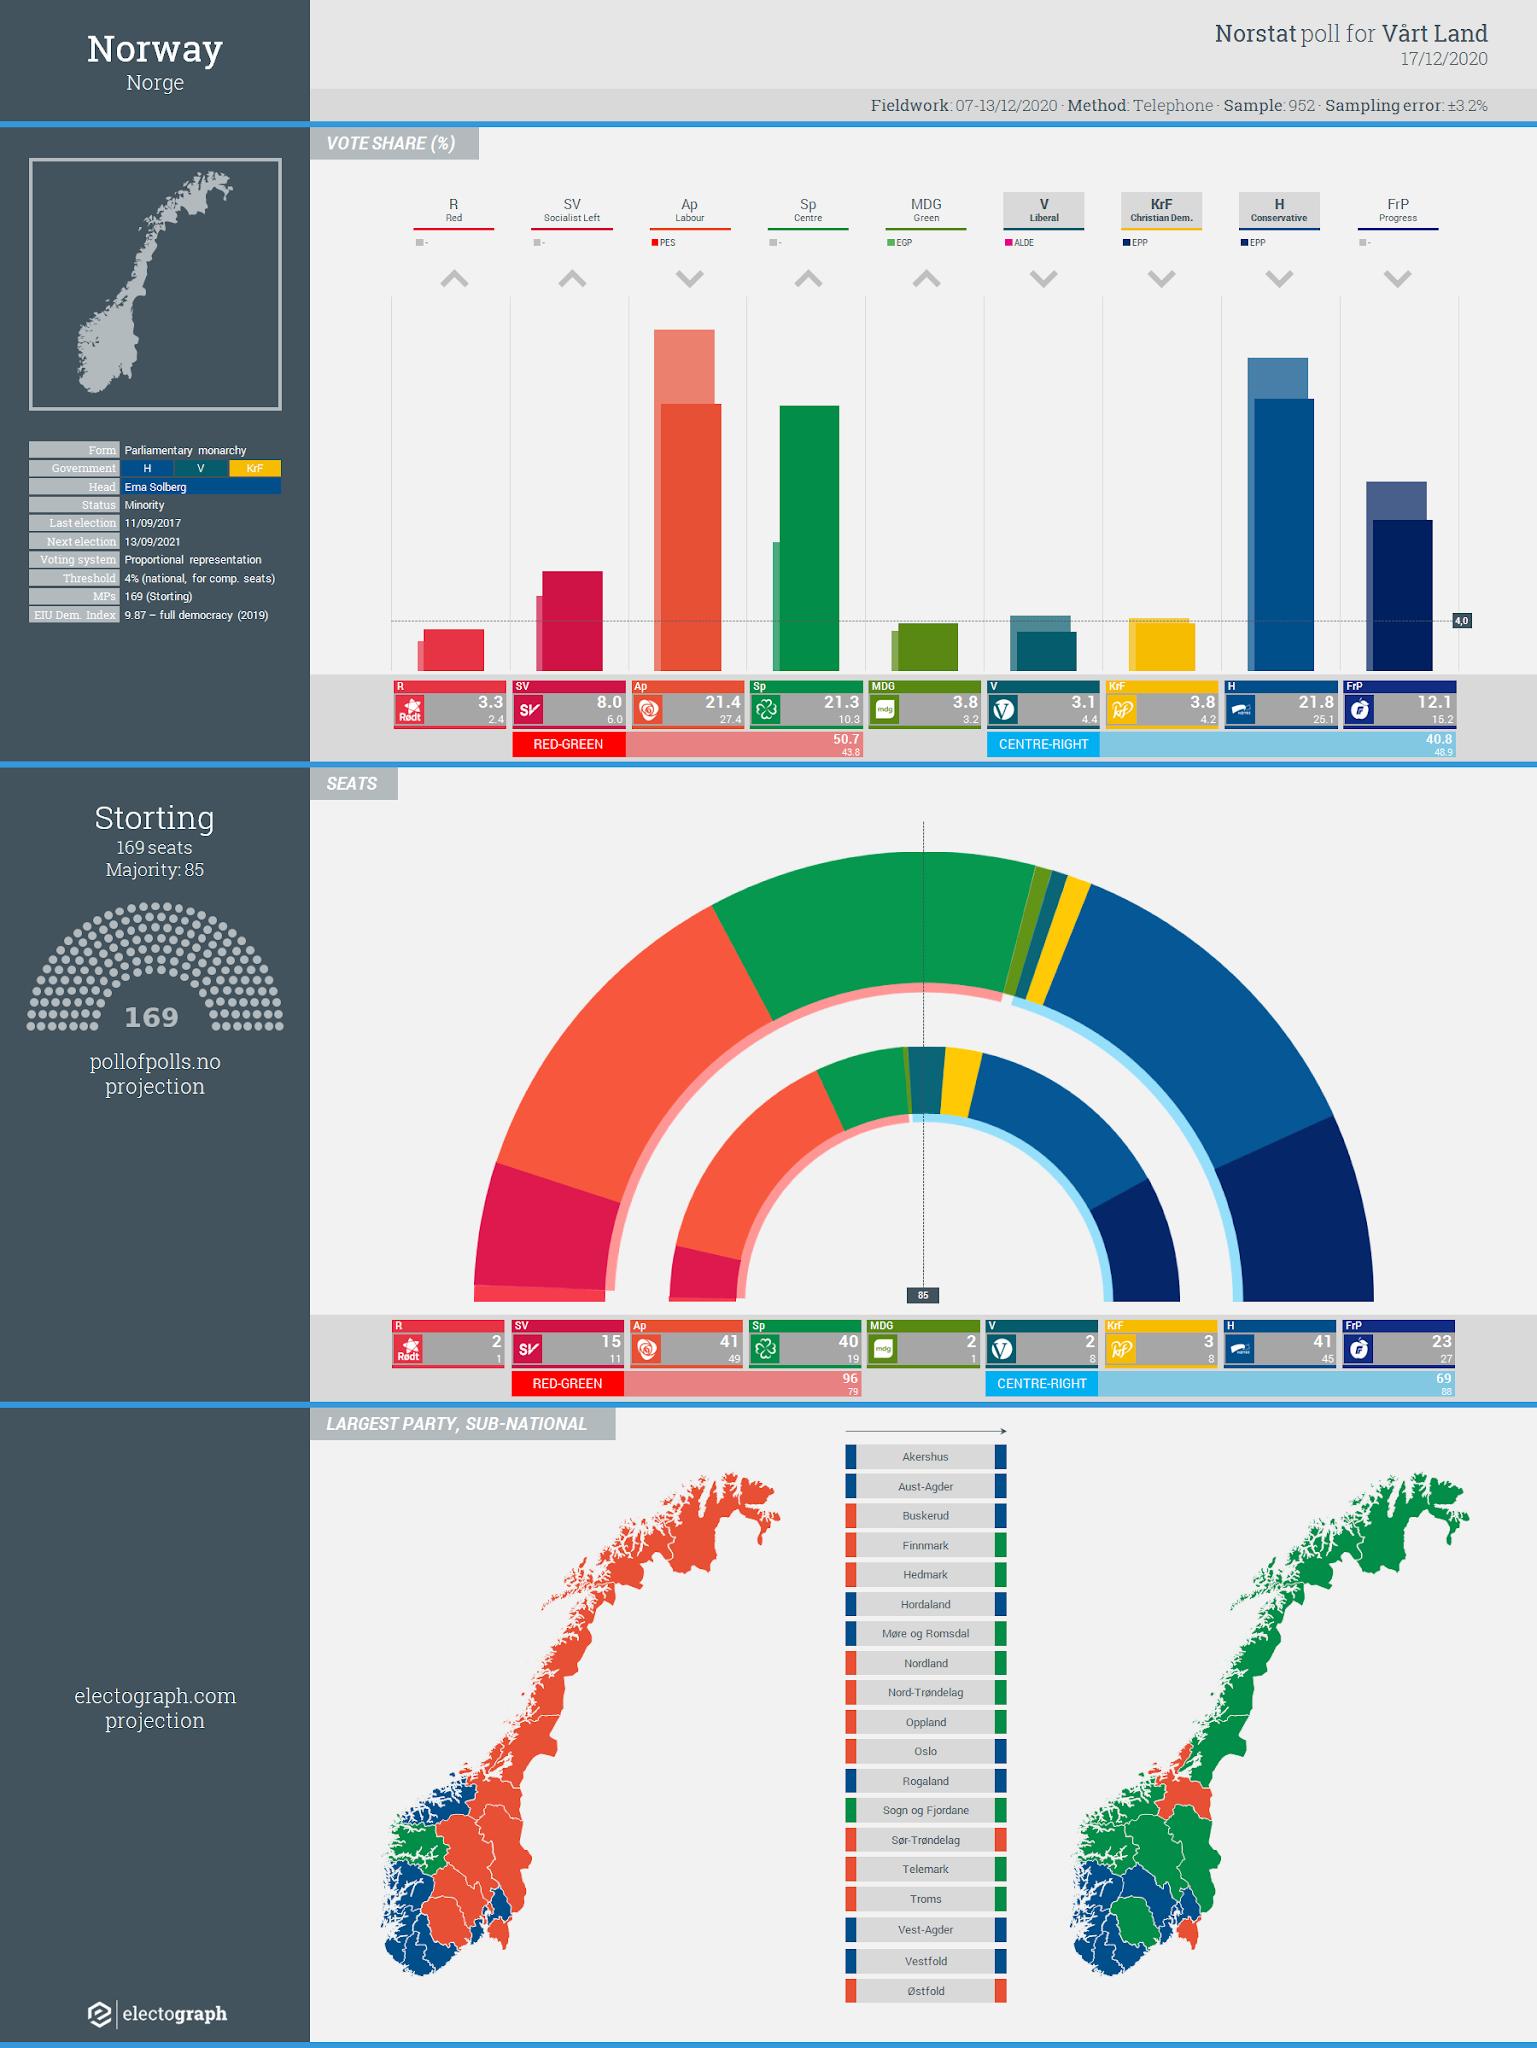 NORWAY: Norstat poll chart for Vårt Land, 17 December 2020